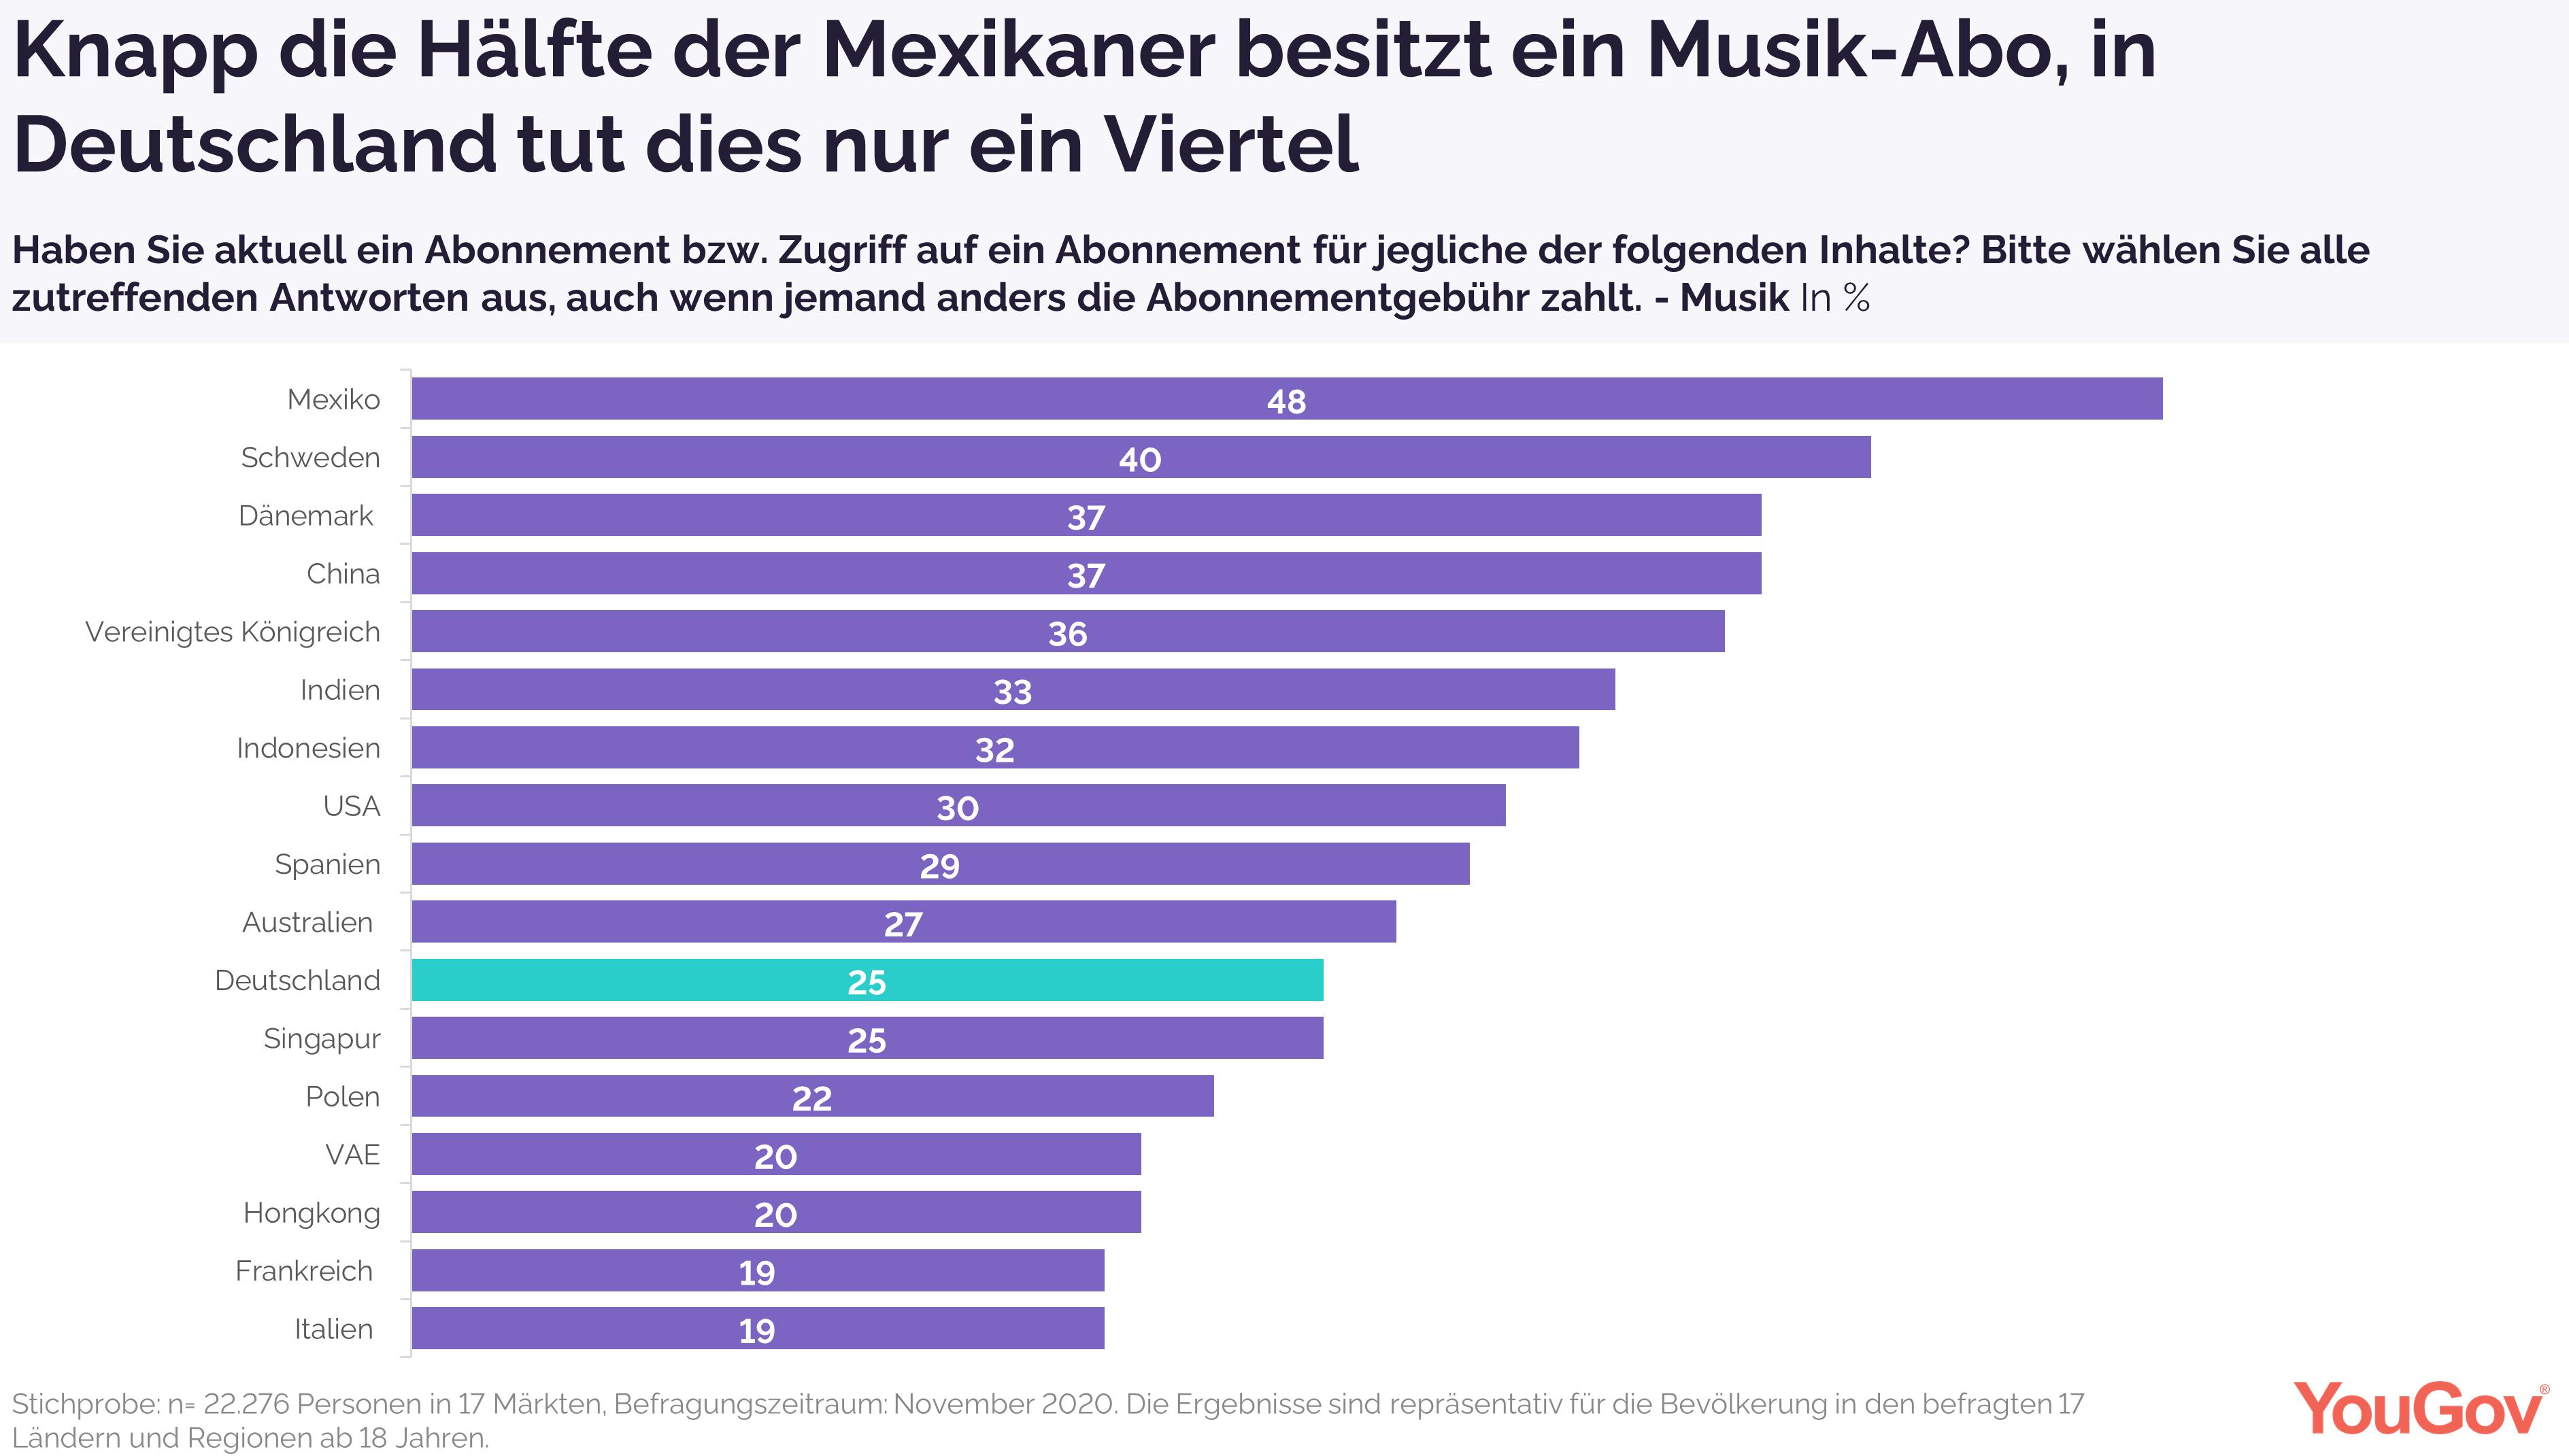 Ein Viertel der Deutschen hat ein Musik-Abo